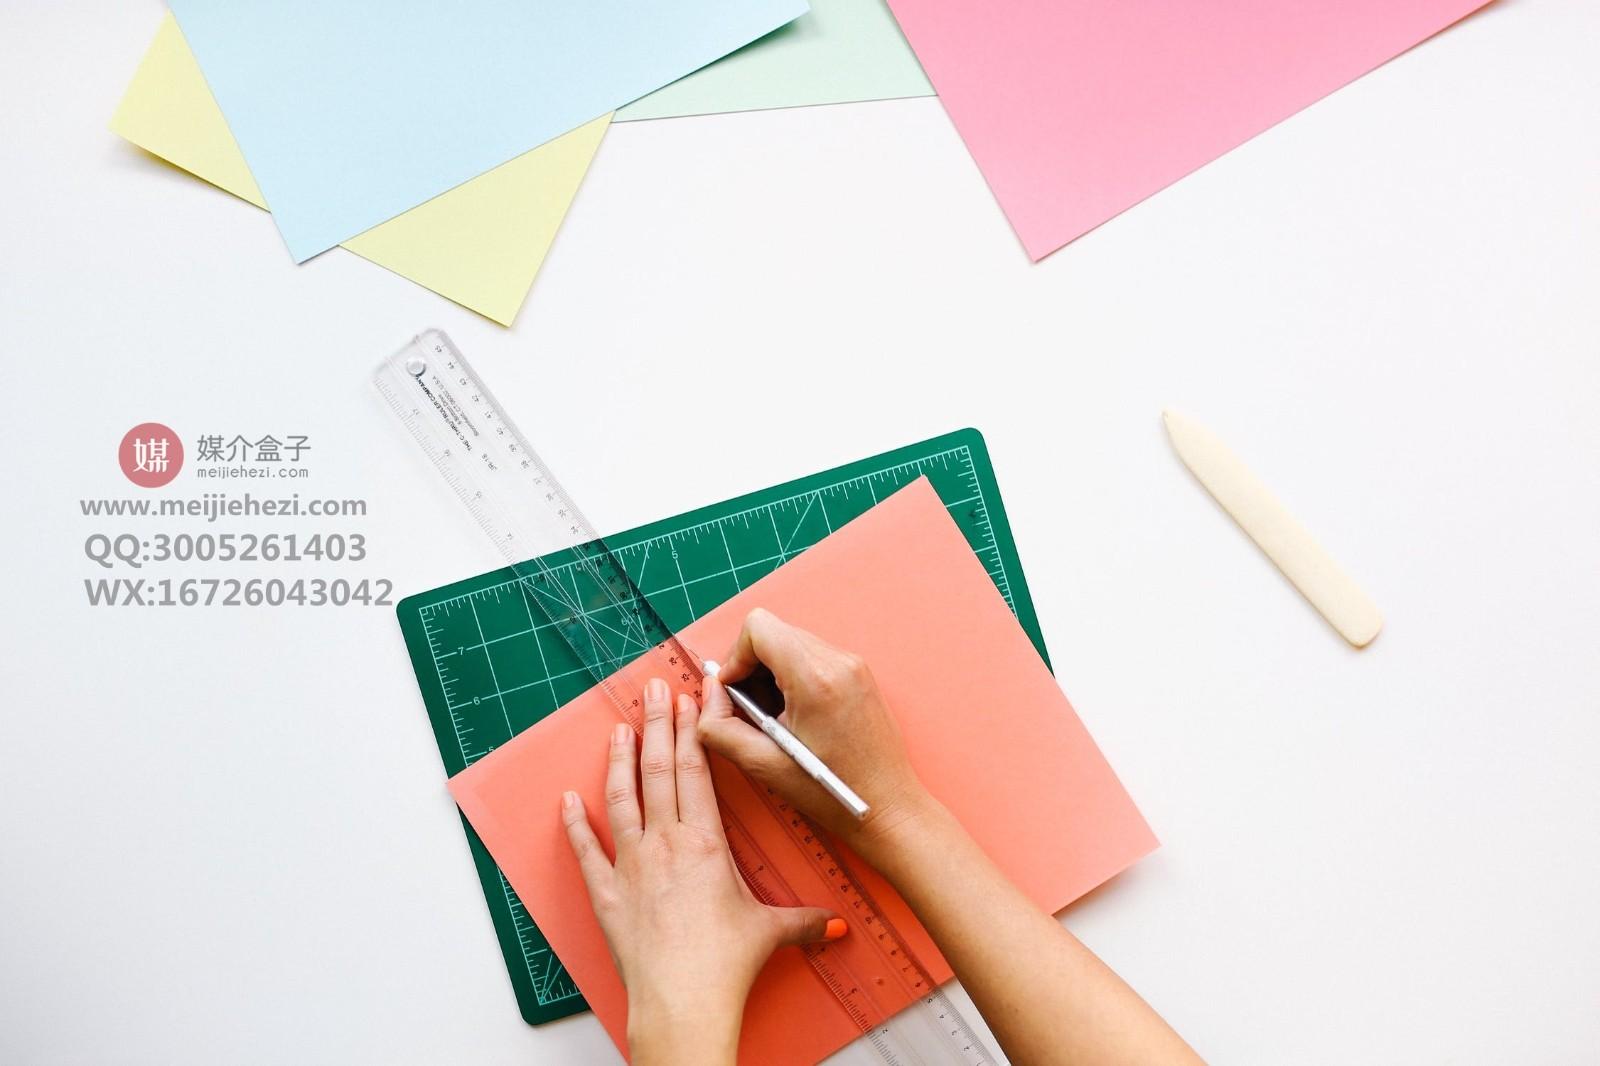 如何提升软文发稿效果? 这五个要点使您的软文更好。